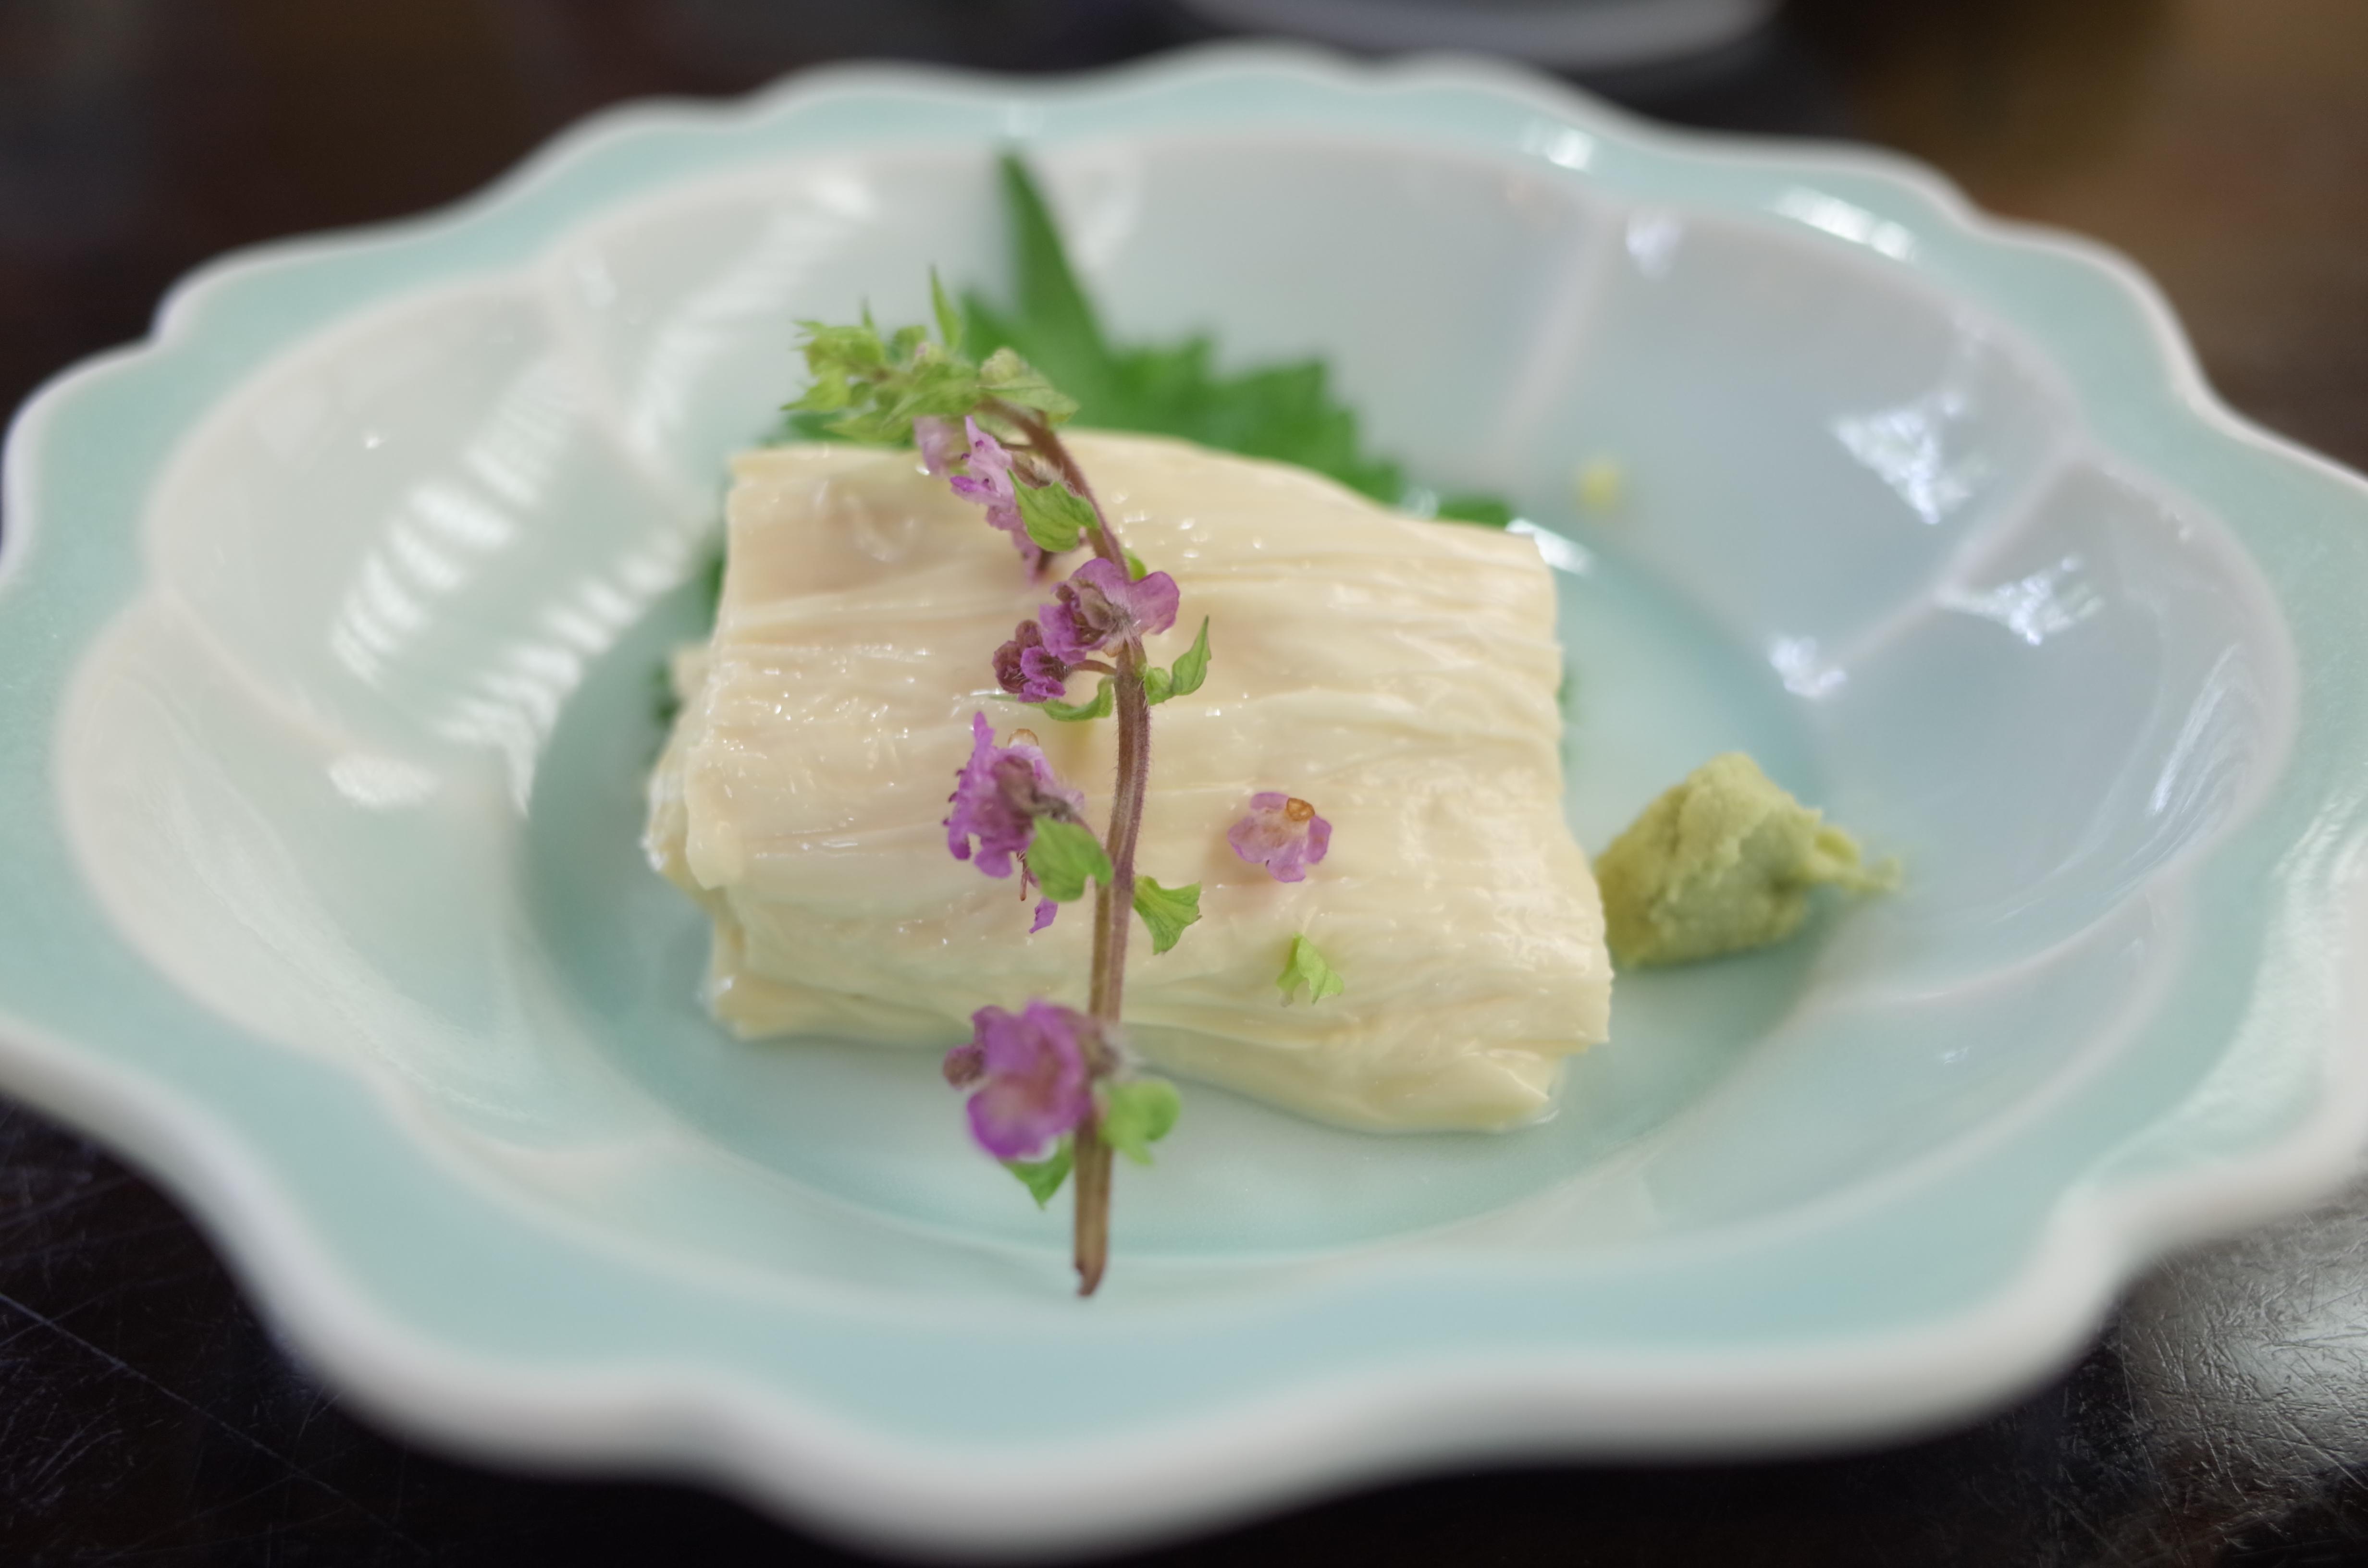 日光で湯波料理を堪能!元祖 日光ゆば料理 割烹 恵比寿家に行ってきた!